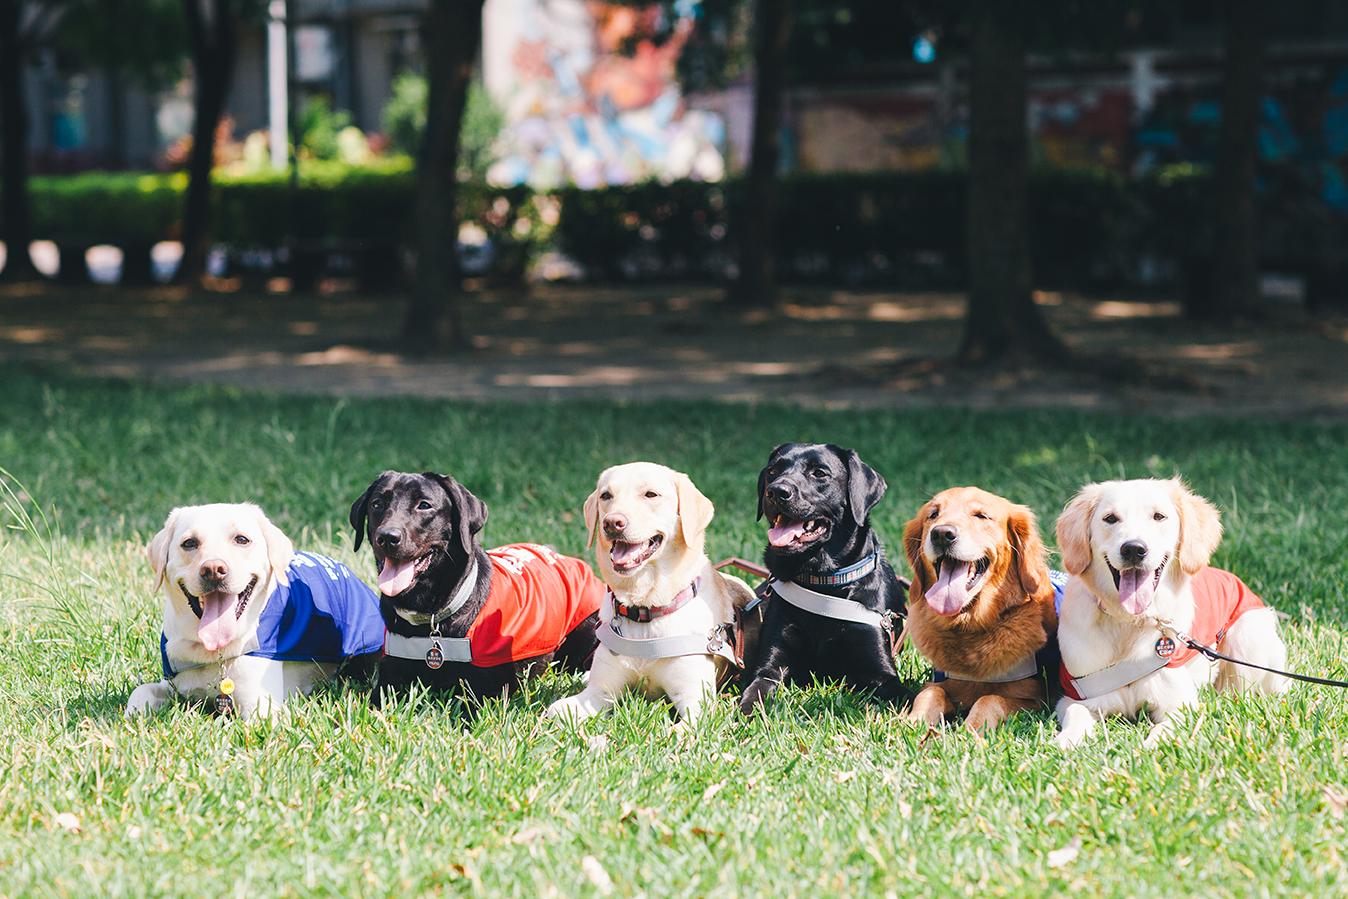 六隻導盲犬,分別穿著導盲鞍、培訓中紅色與藍色背心,趴成一排,看起來很開心!